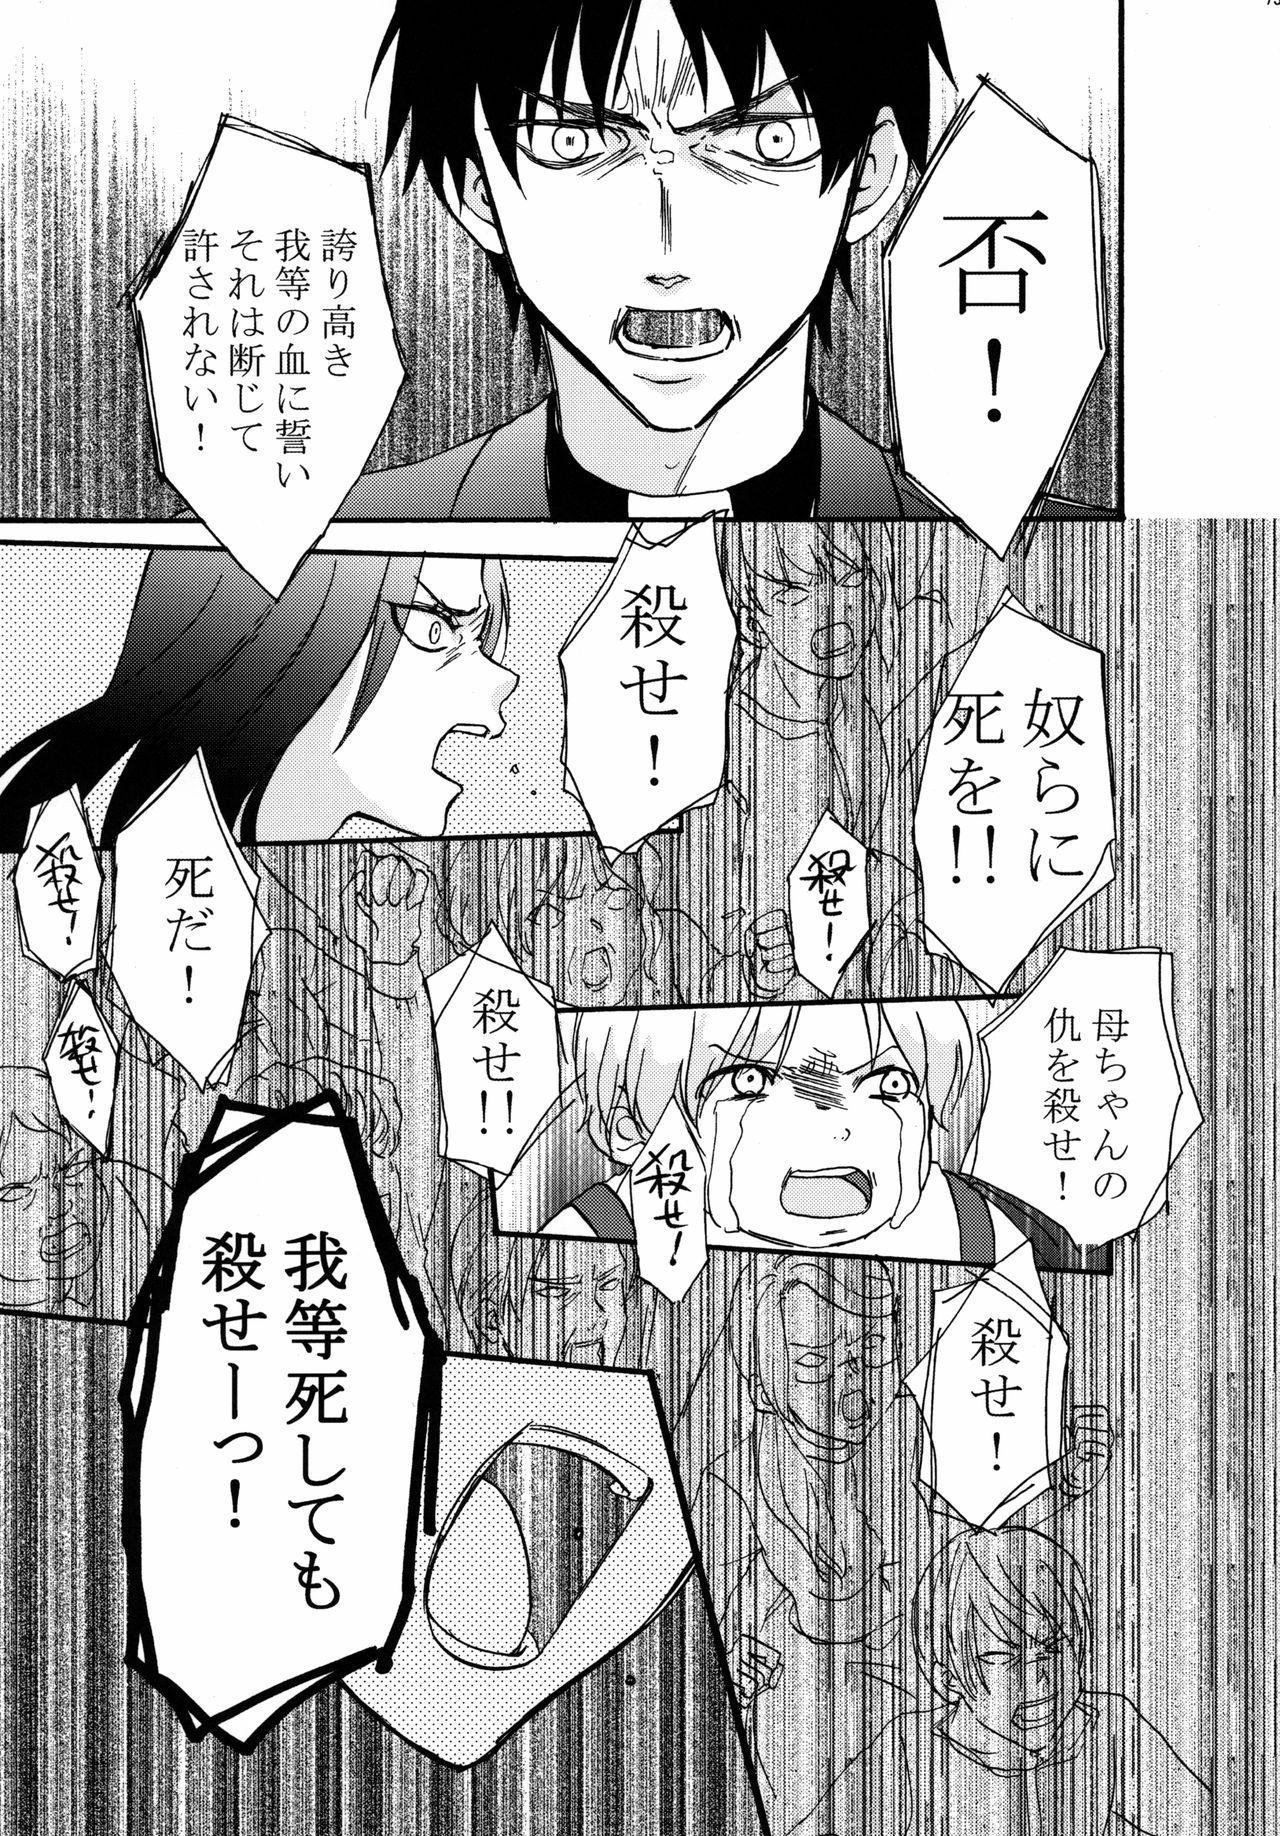 Uchuujin x Kyojo / Size-sa Goudoushi Reiwagou 73